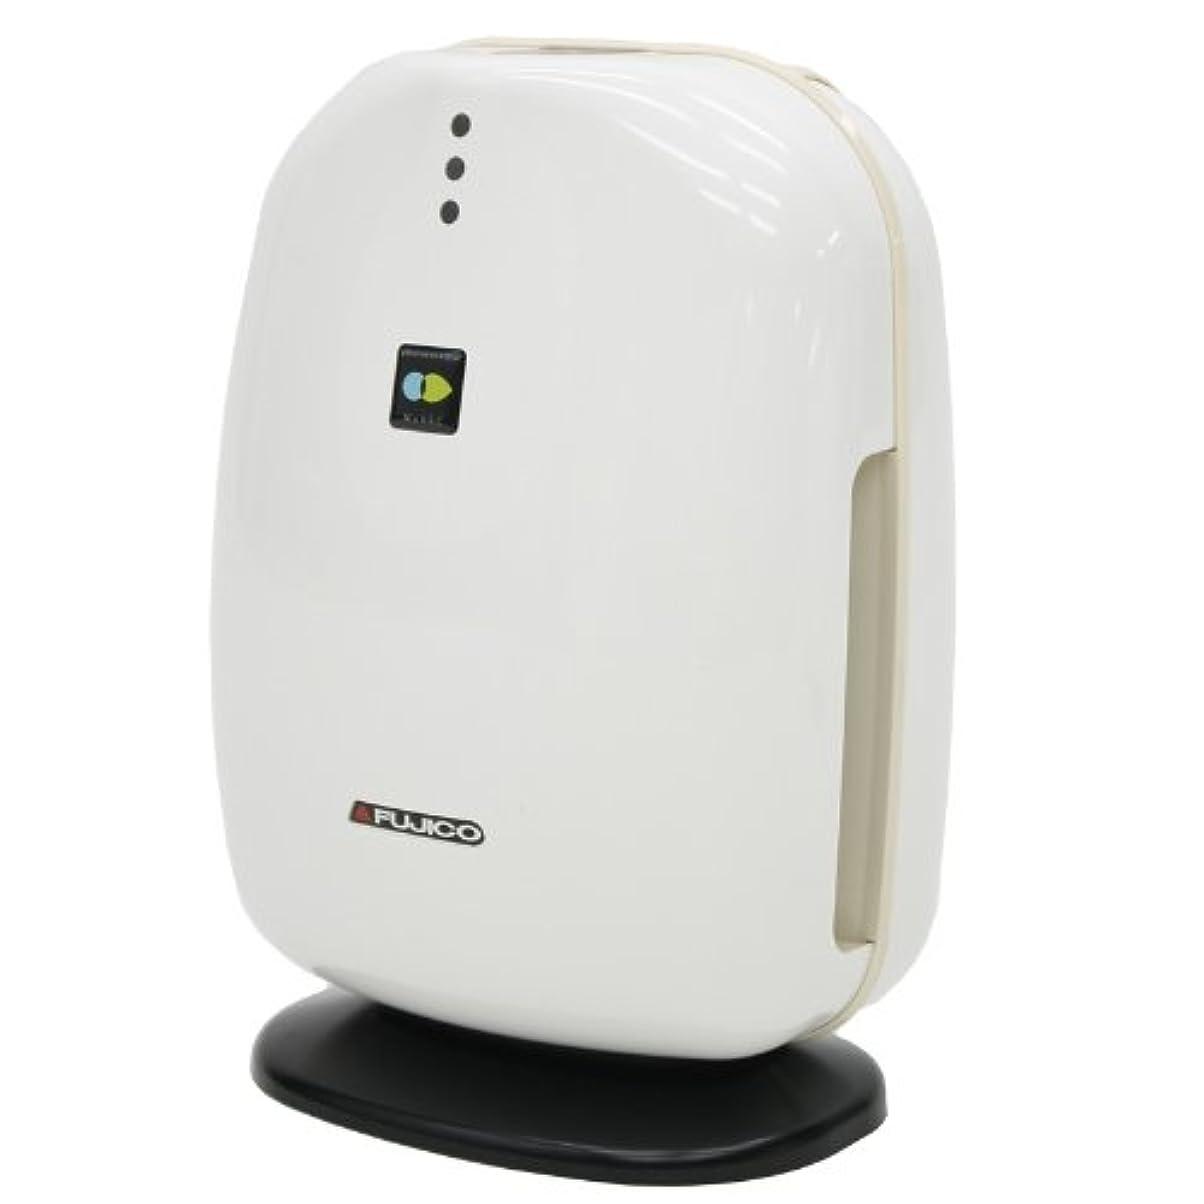 狂信者アテンダント文明空気消臭除菌装置マスククリーンMC-V2 ベージュ